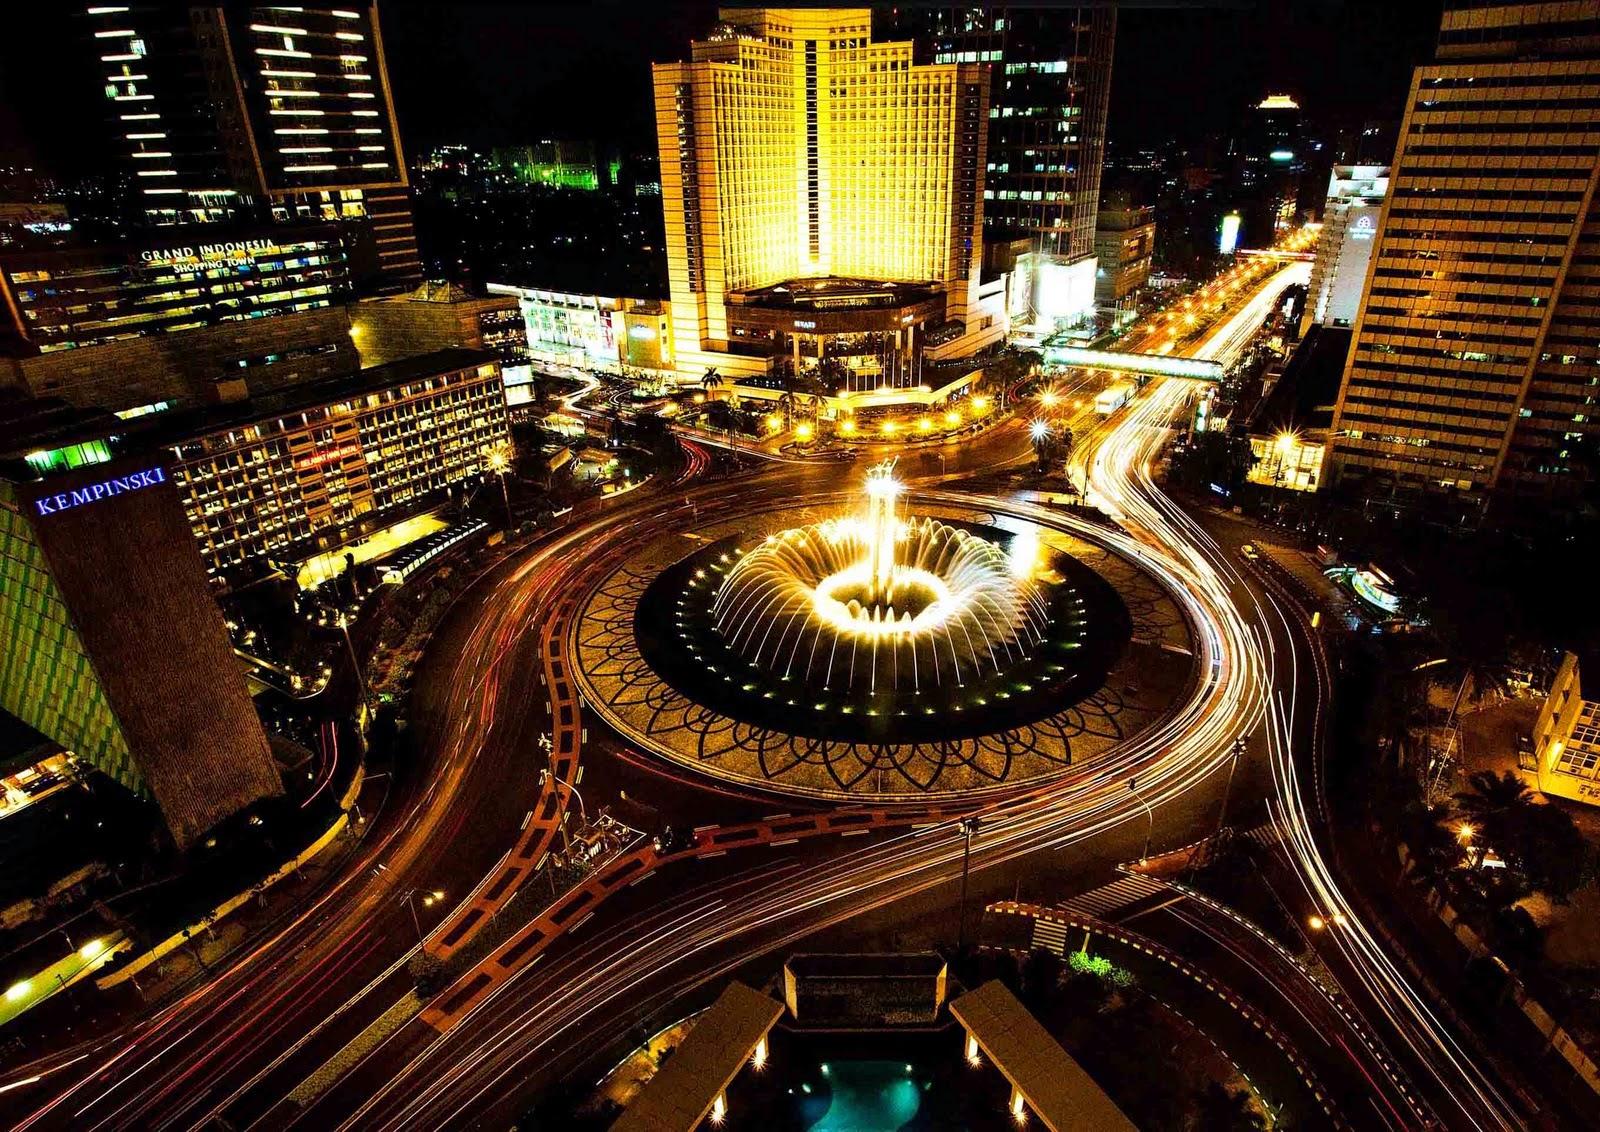 Impian Soekarno adalah membangun Jakarta sebagai ibukota yang sejajar dengan kota-kota maju di seluruh dunia. Air mancur Bundaran HI ini merupakan buah imajinasinya